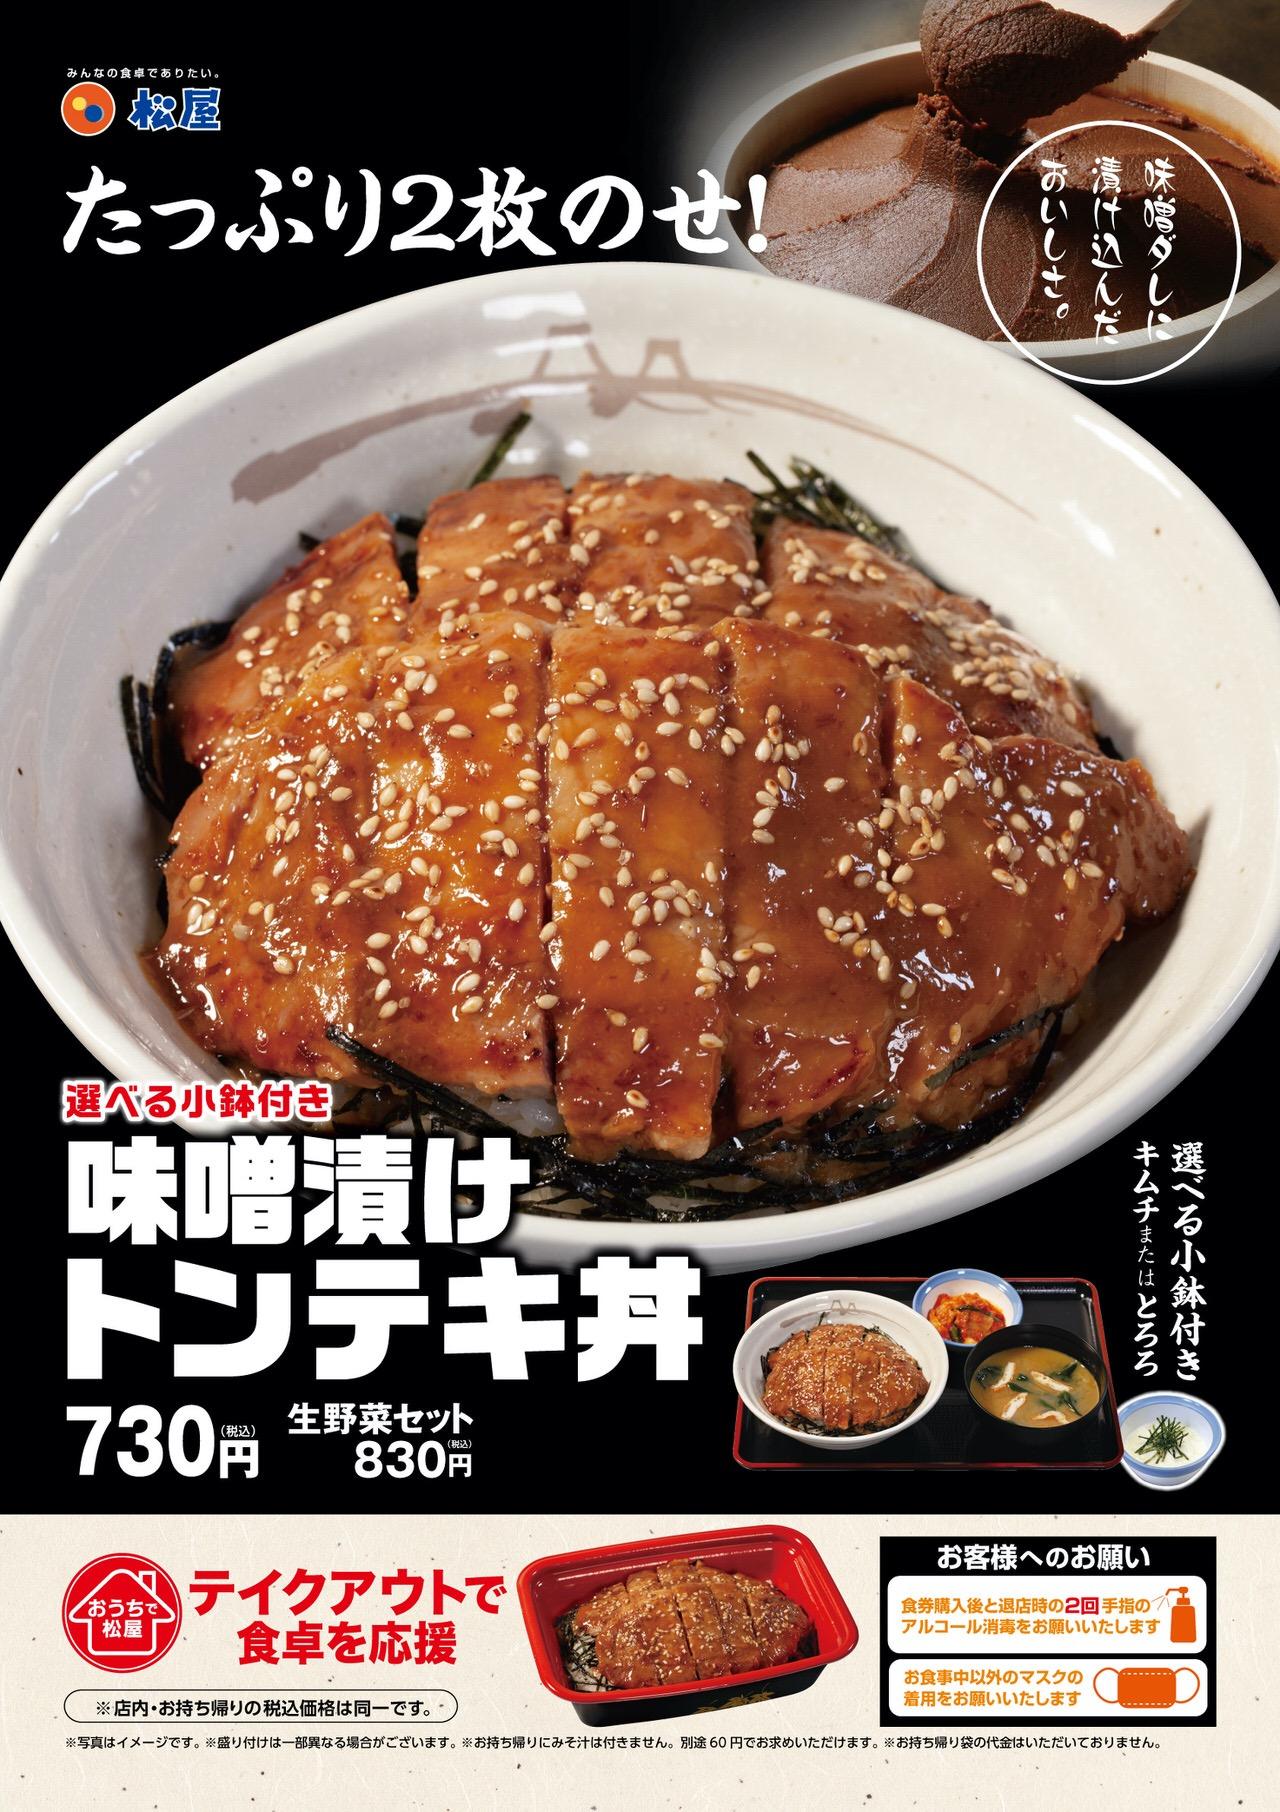 【松屋】特製味噌ダレに漬け込んだ豚ロース2枚のせ「味噌漬けトンテキ丼」9月8日より発売開始